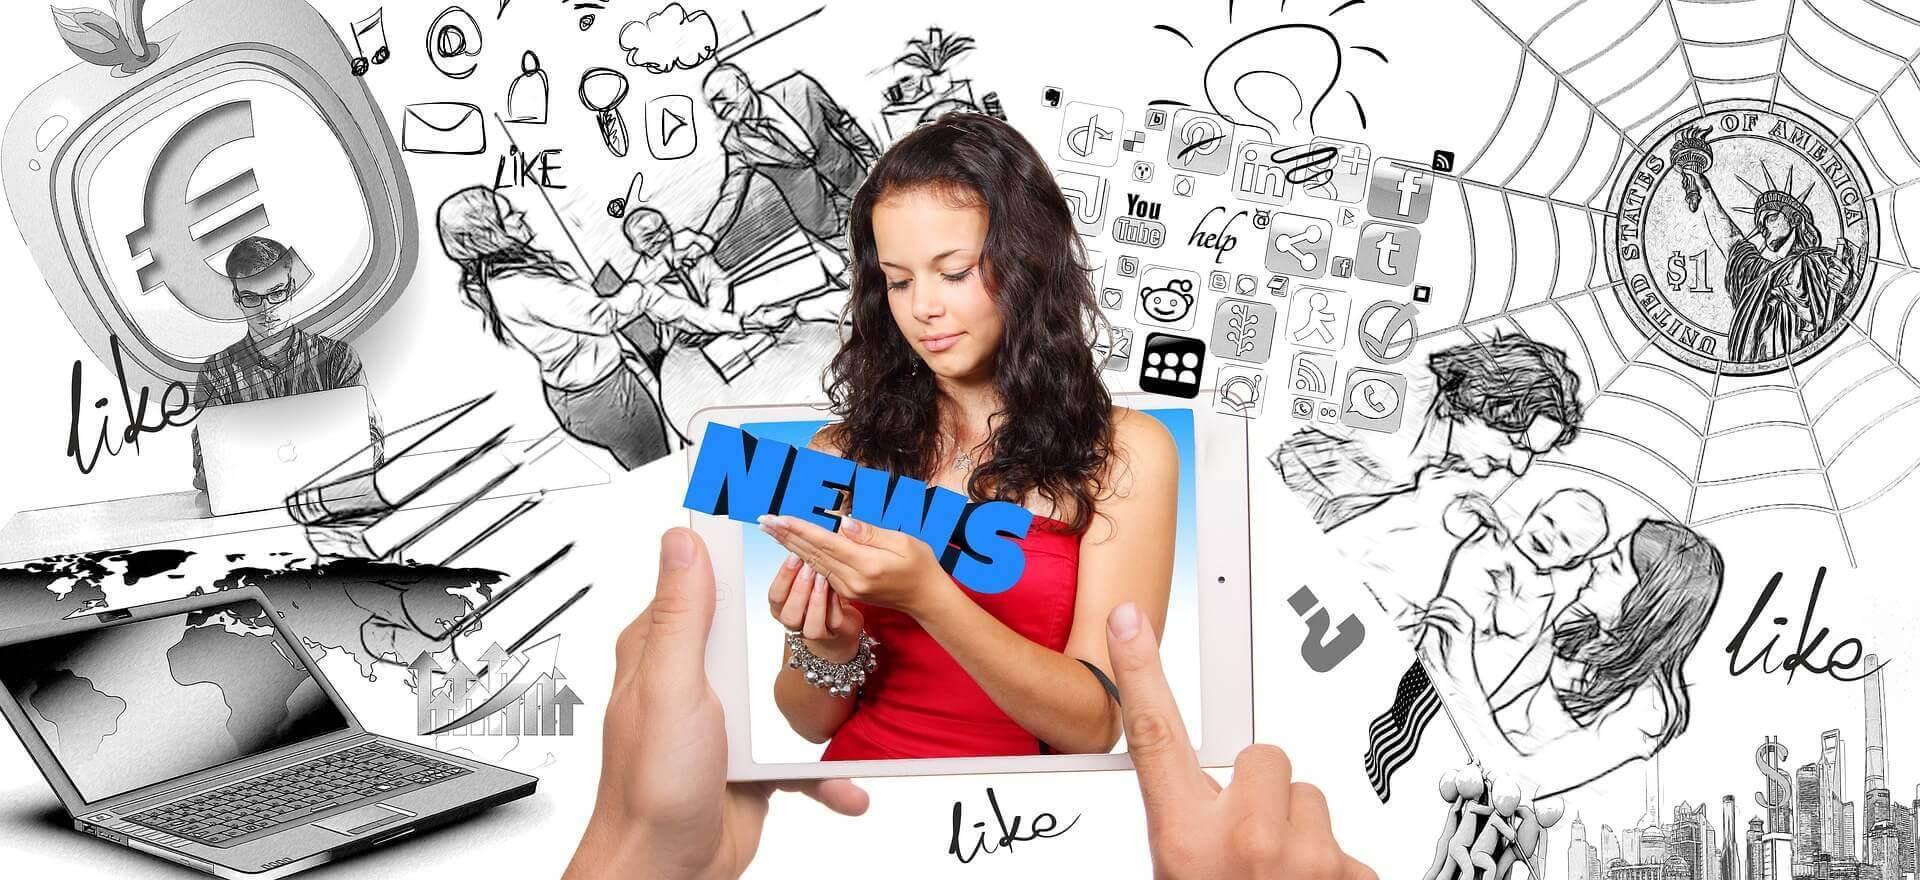 Online-Marketing beim Projekt der Fachkräfteallianz #lebensfreundlich